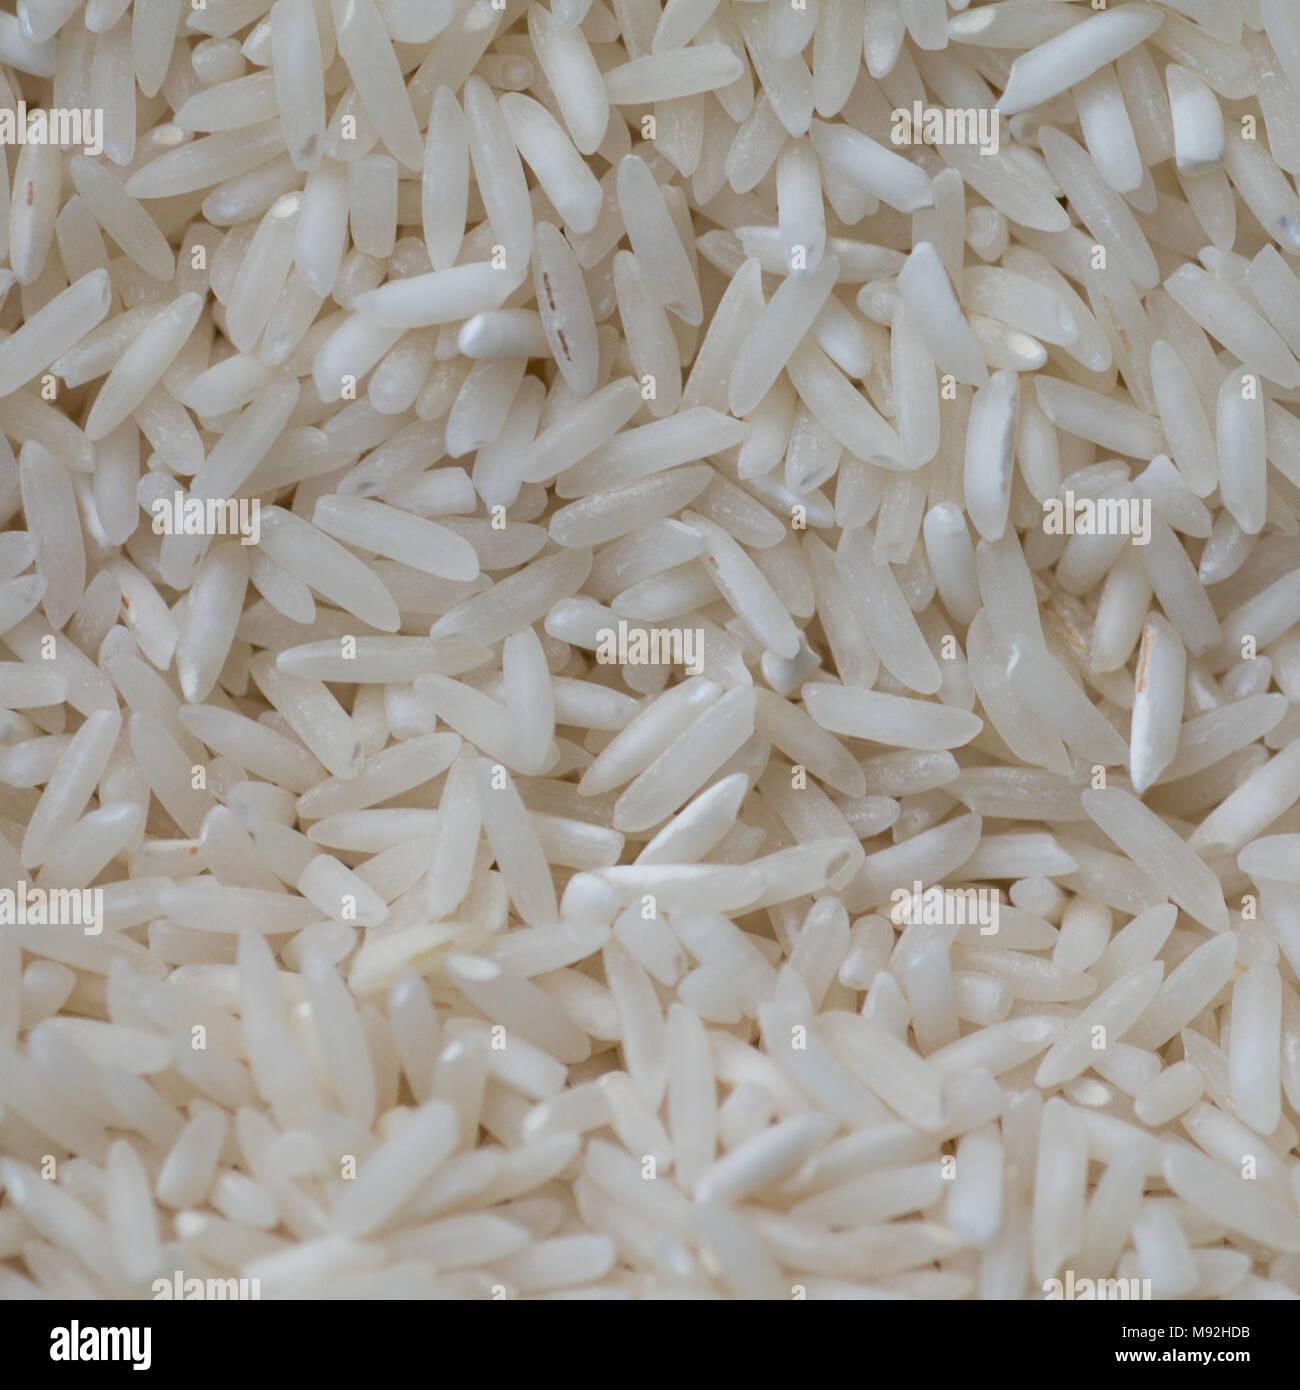 Bulk Rice Stock Photos & Bulk Rice Stock Images - Alamy